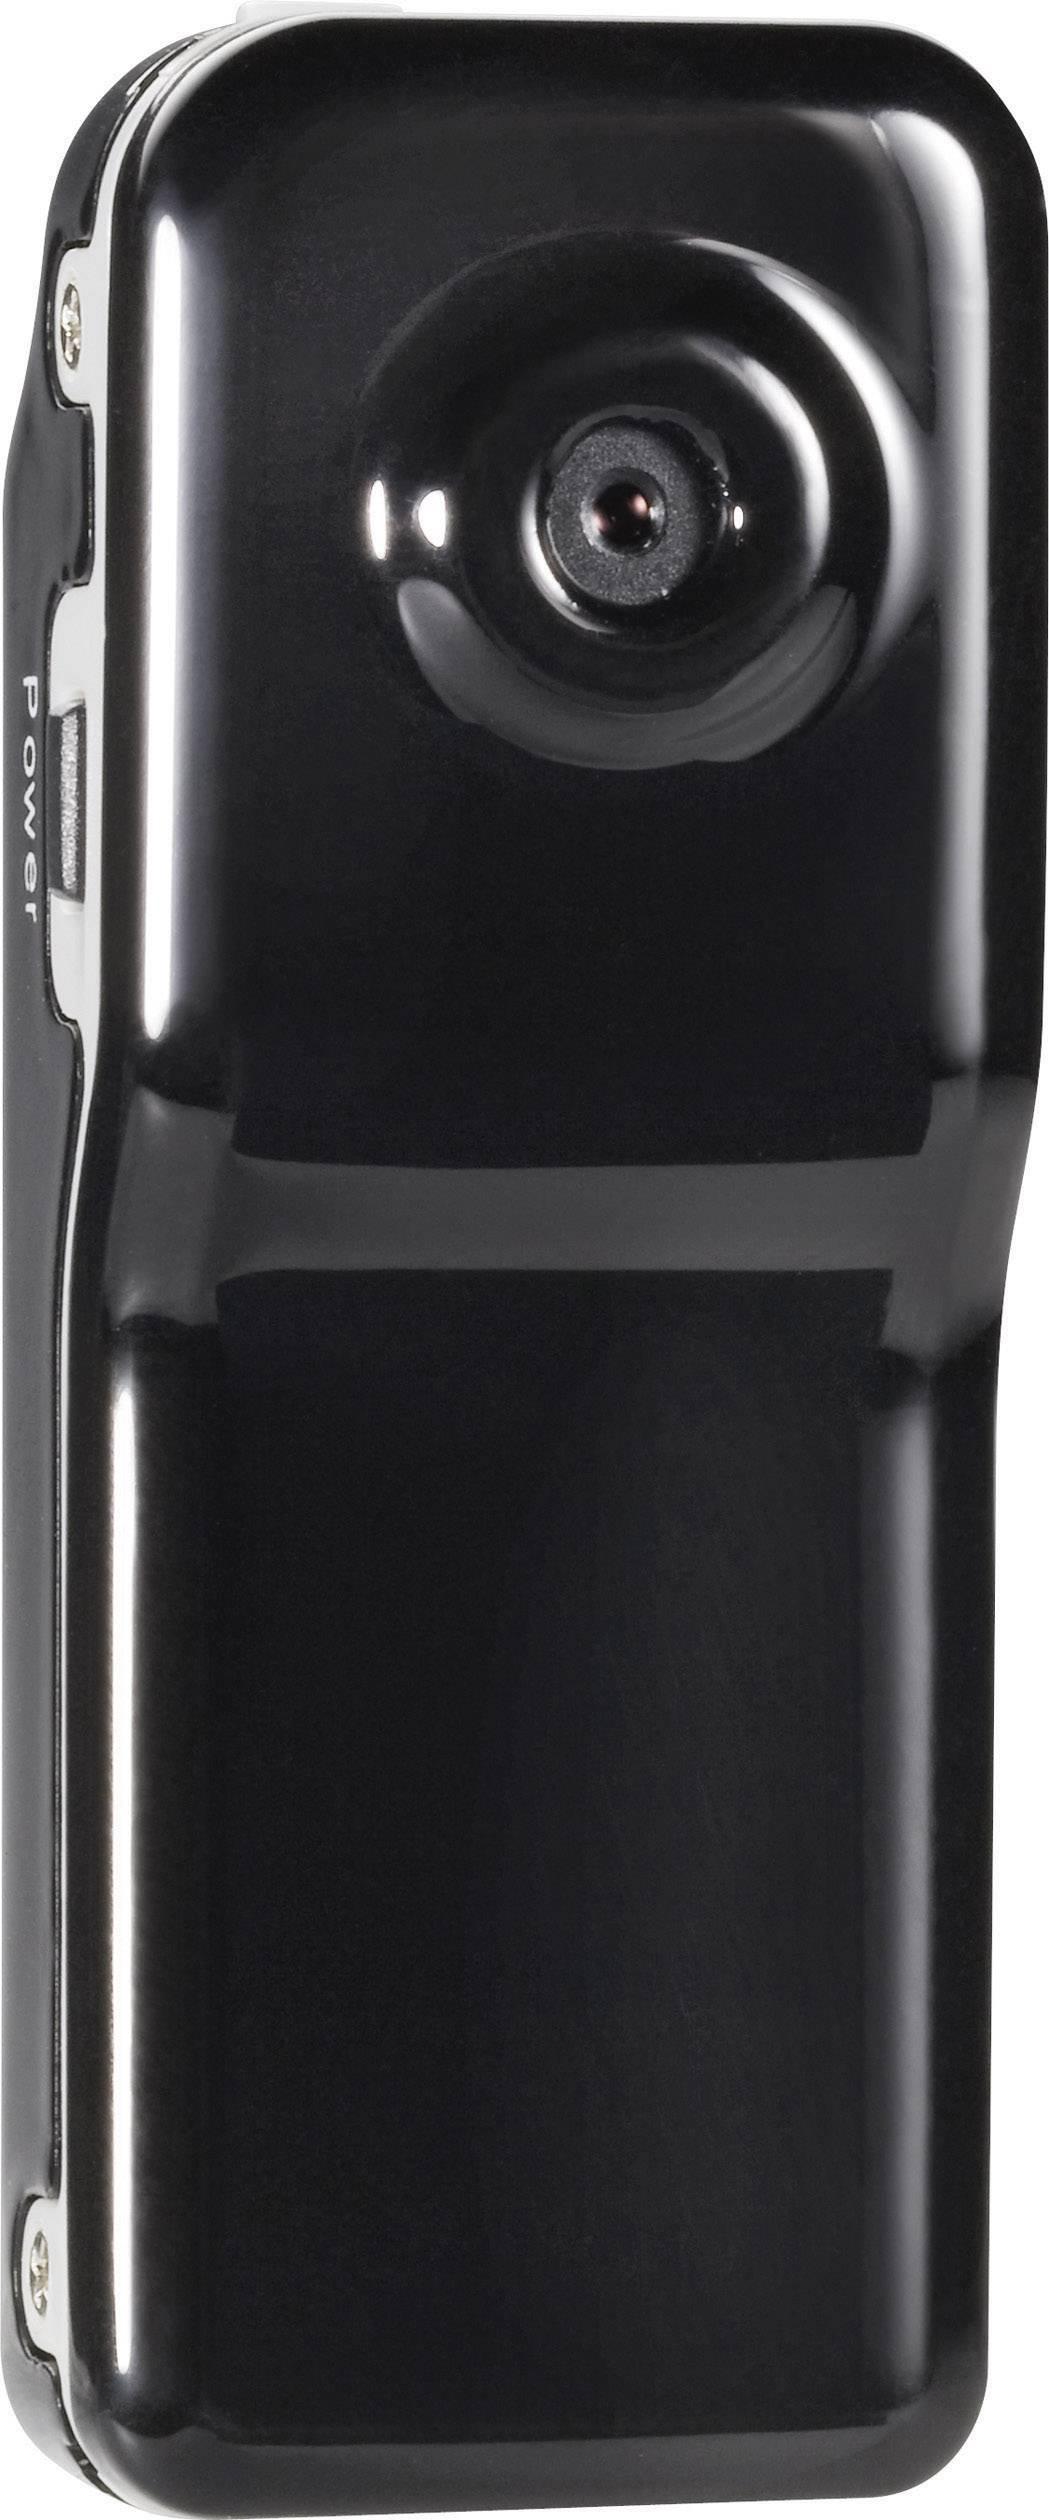 Mini Überwachungskamera 32 GB 720 X 480 Pixel 752315